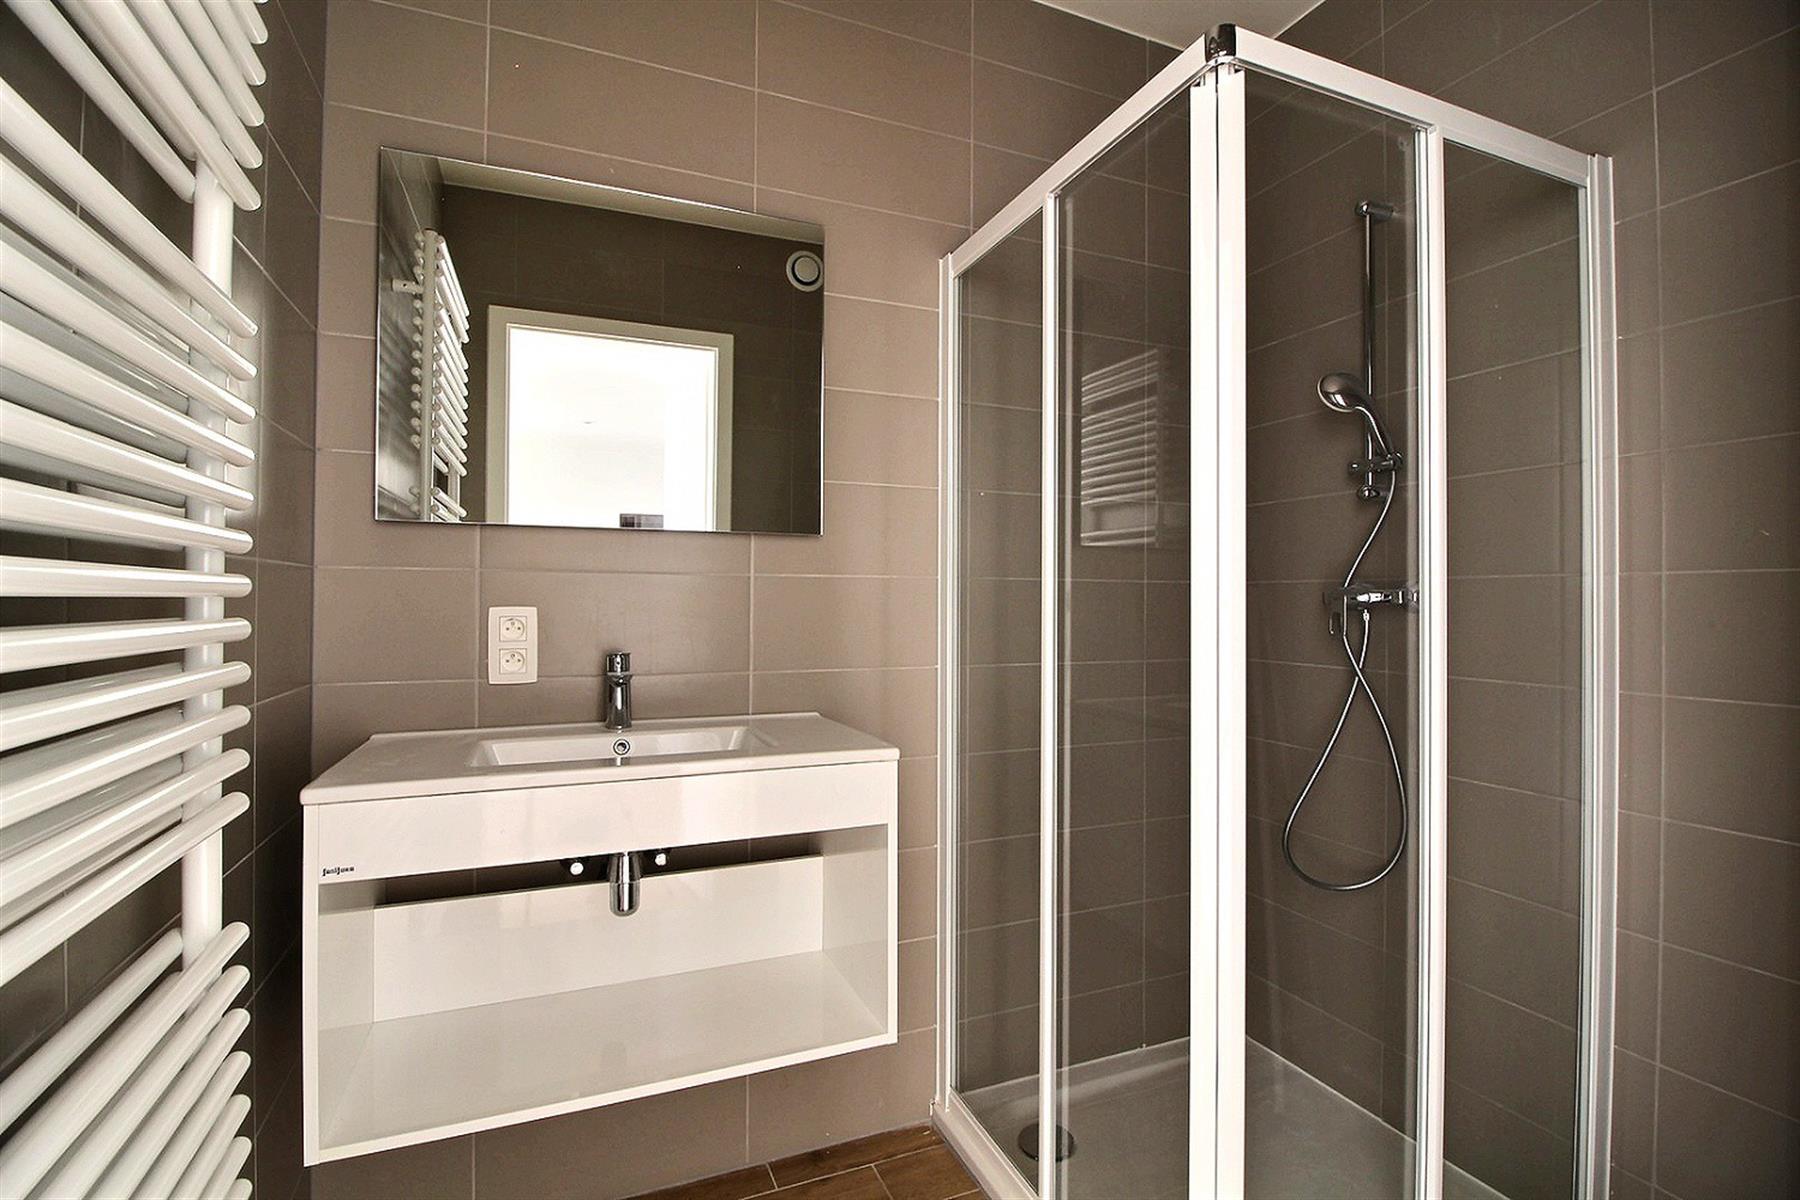 Appartement - Ottignies-Louvain-la-Neuve Louvain-la-Neuve - #4258211-5